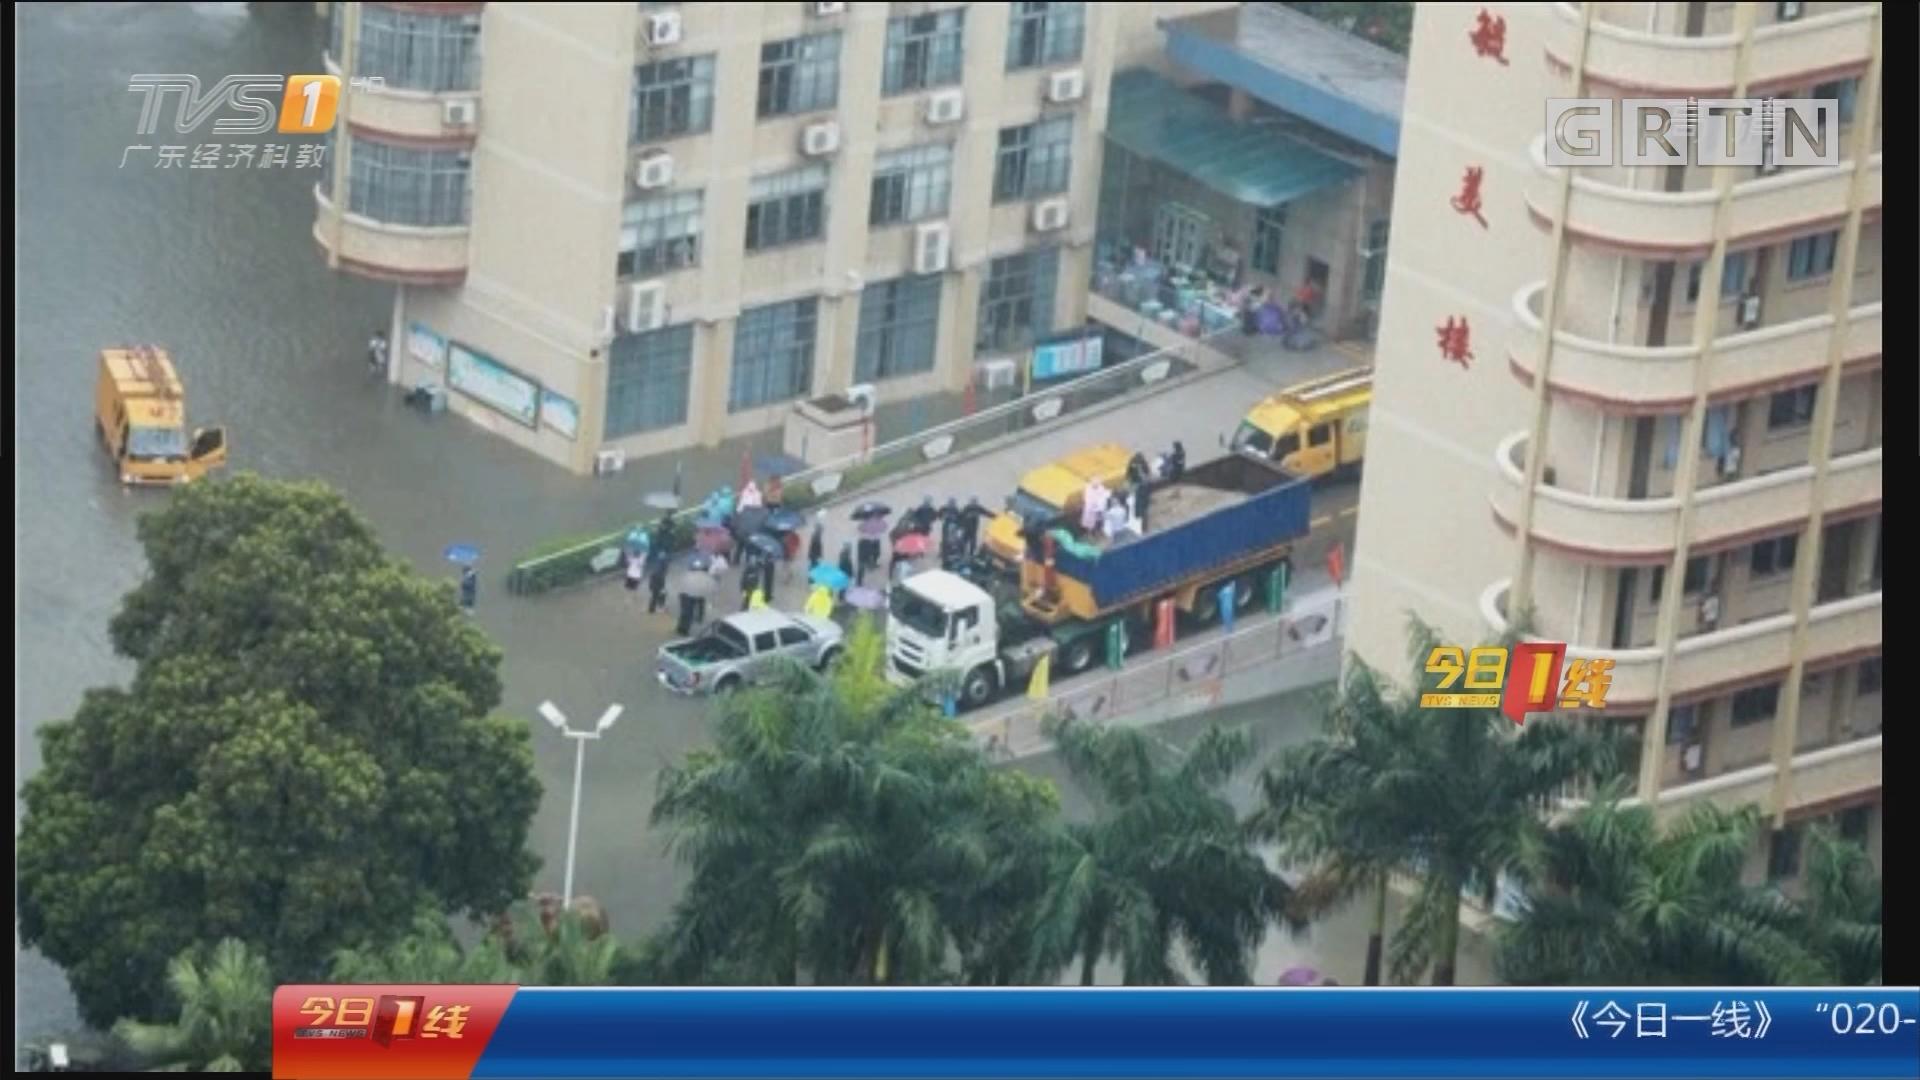 清远:学校水浸 集装箱搭桥让考生进场